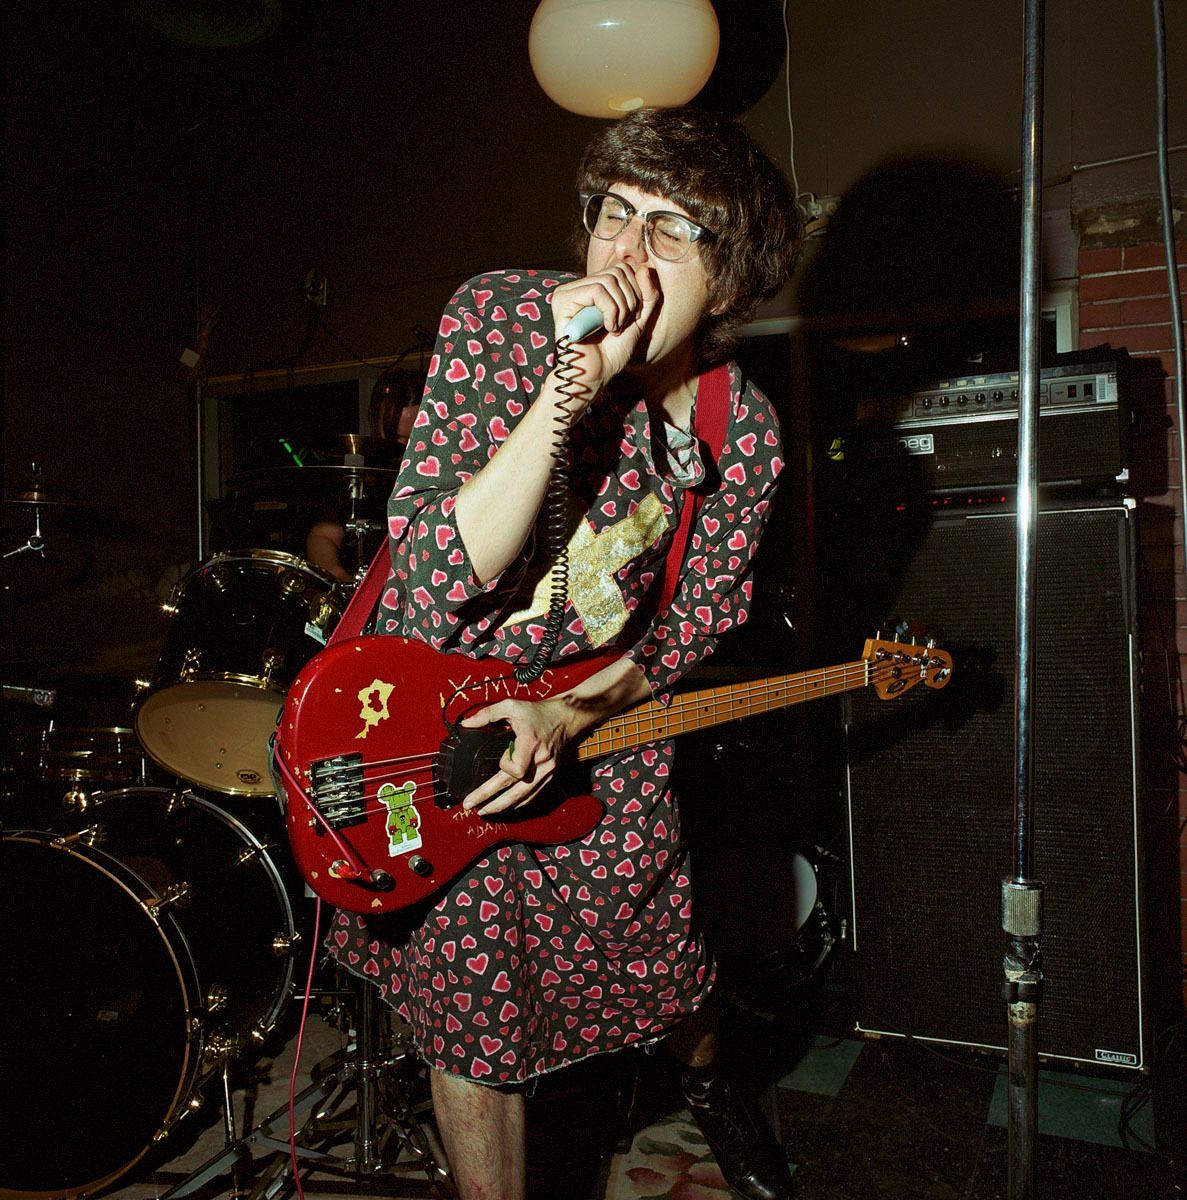 Melvins - (Dave Scott Stone) - 2006 - Minneapolis, MN